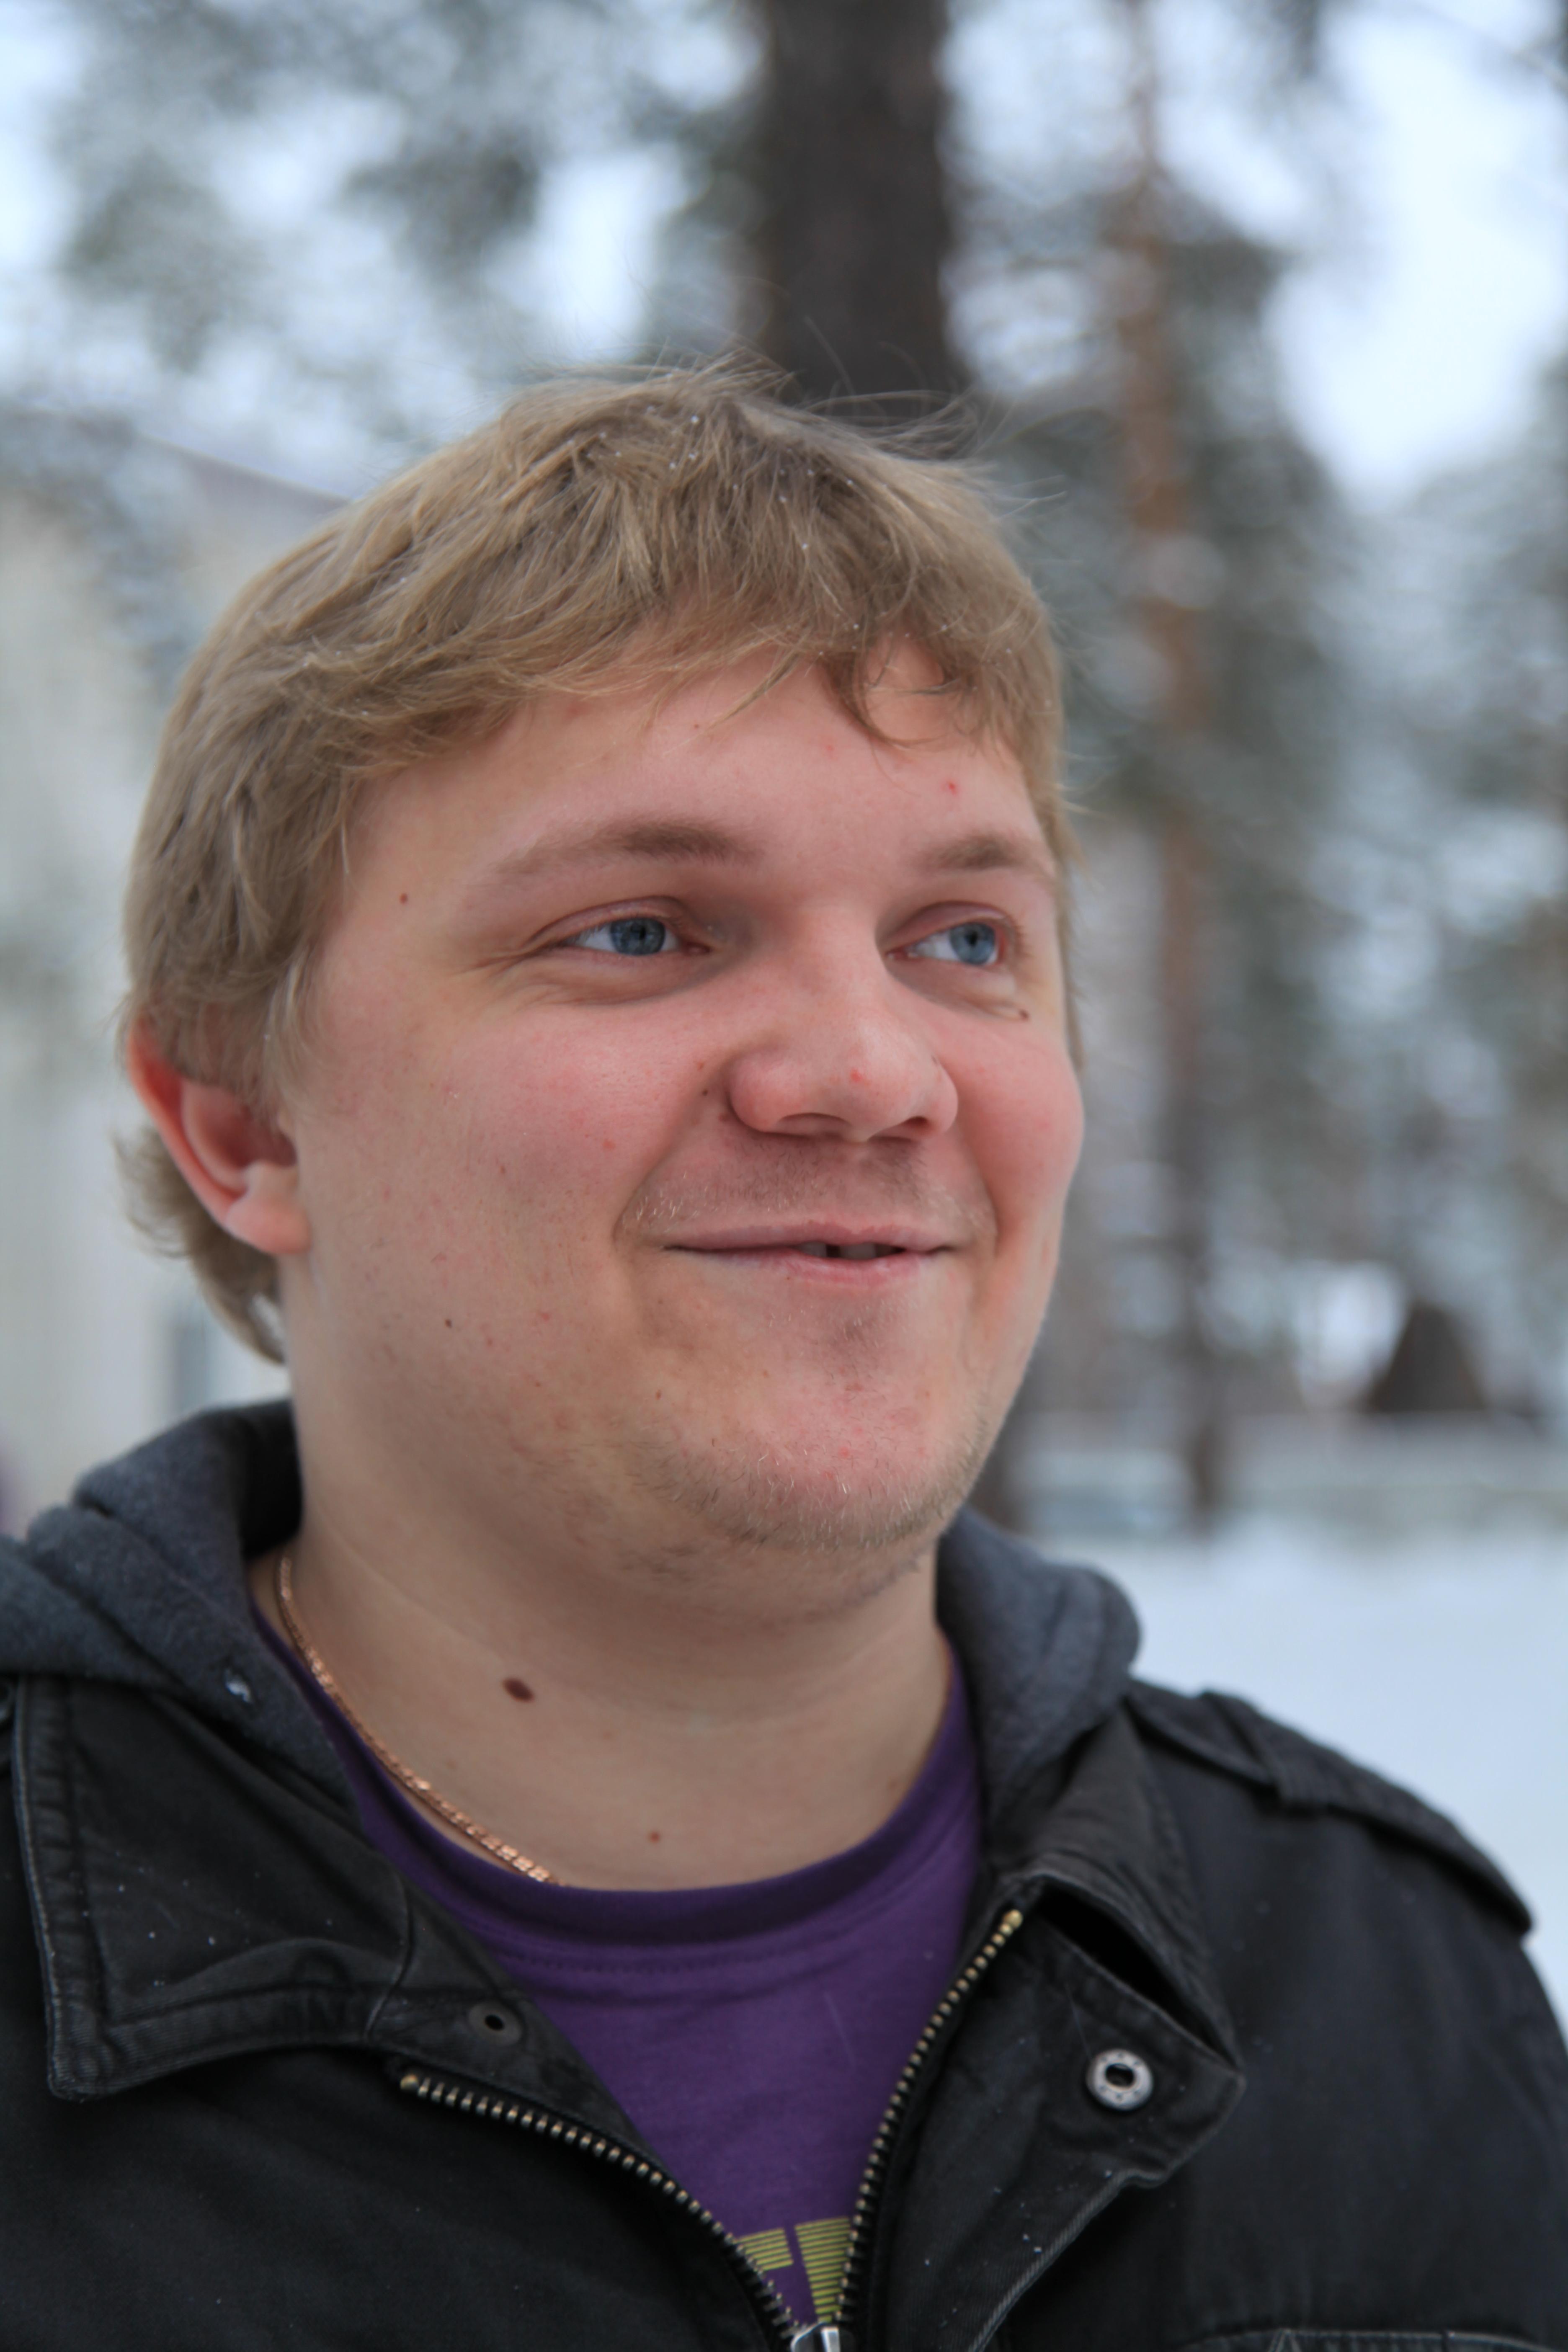 Михайловский Никита Андреевич